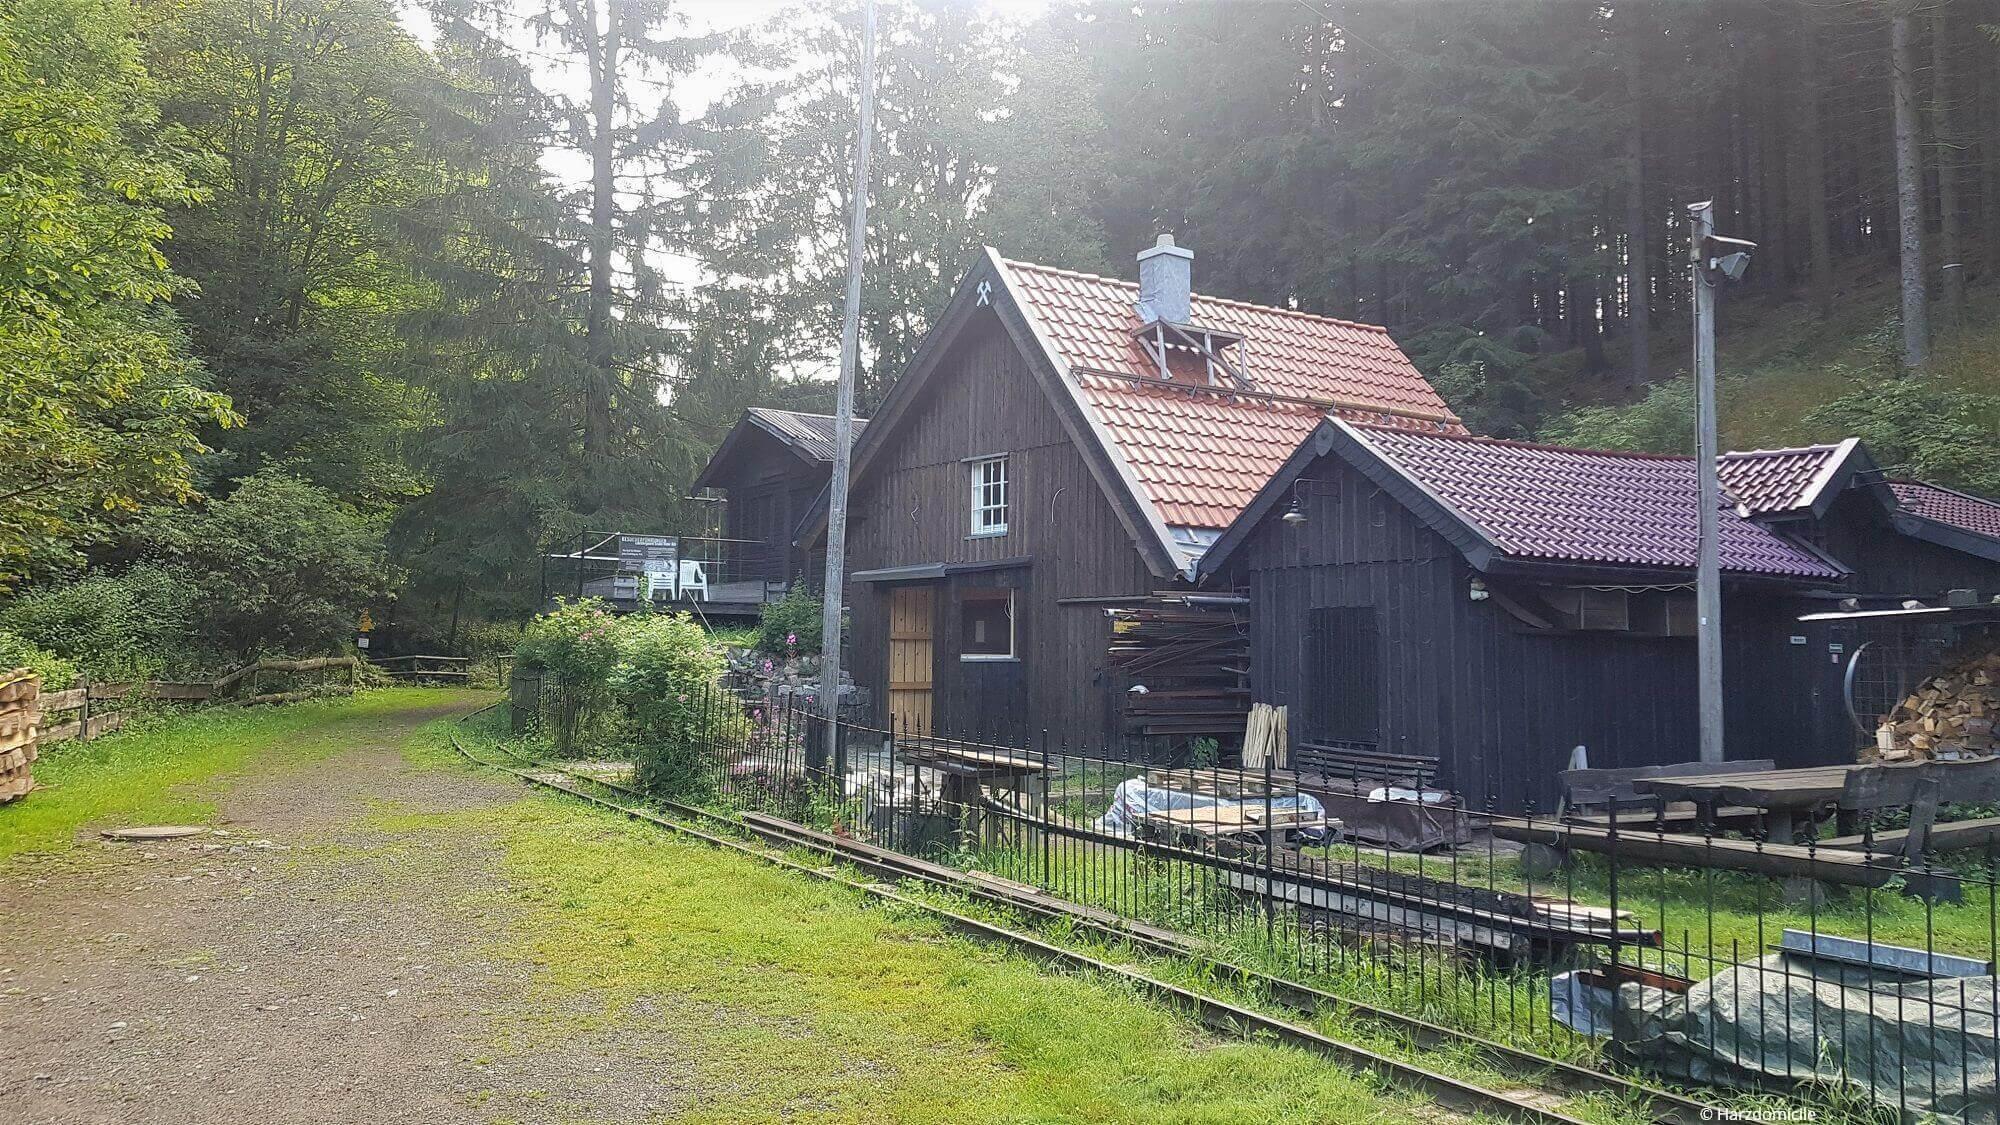 Lehrbergwerk Grube Roter Bär in Sankt Andreasberg